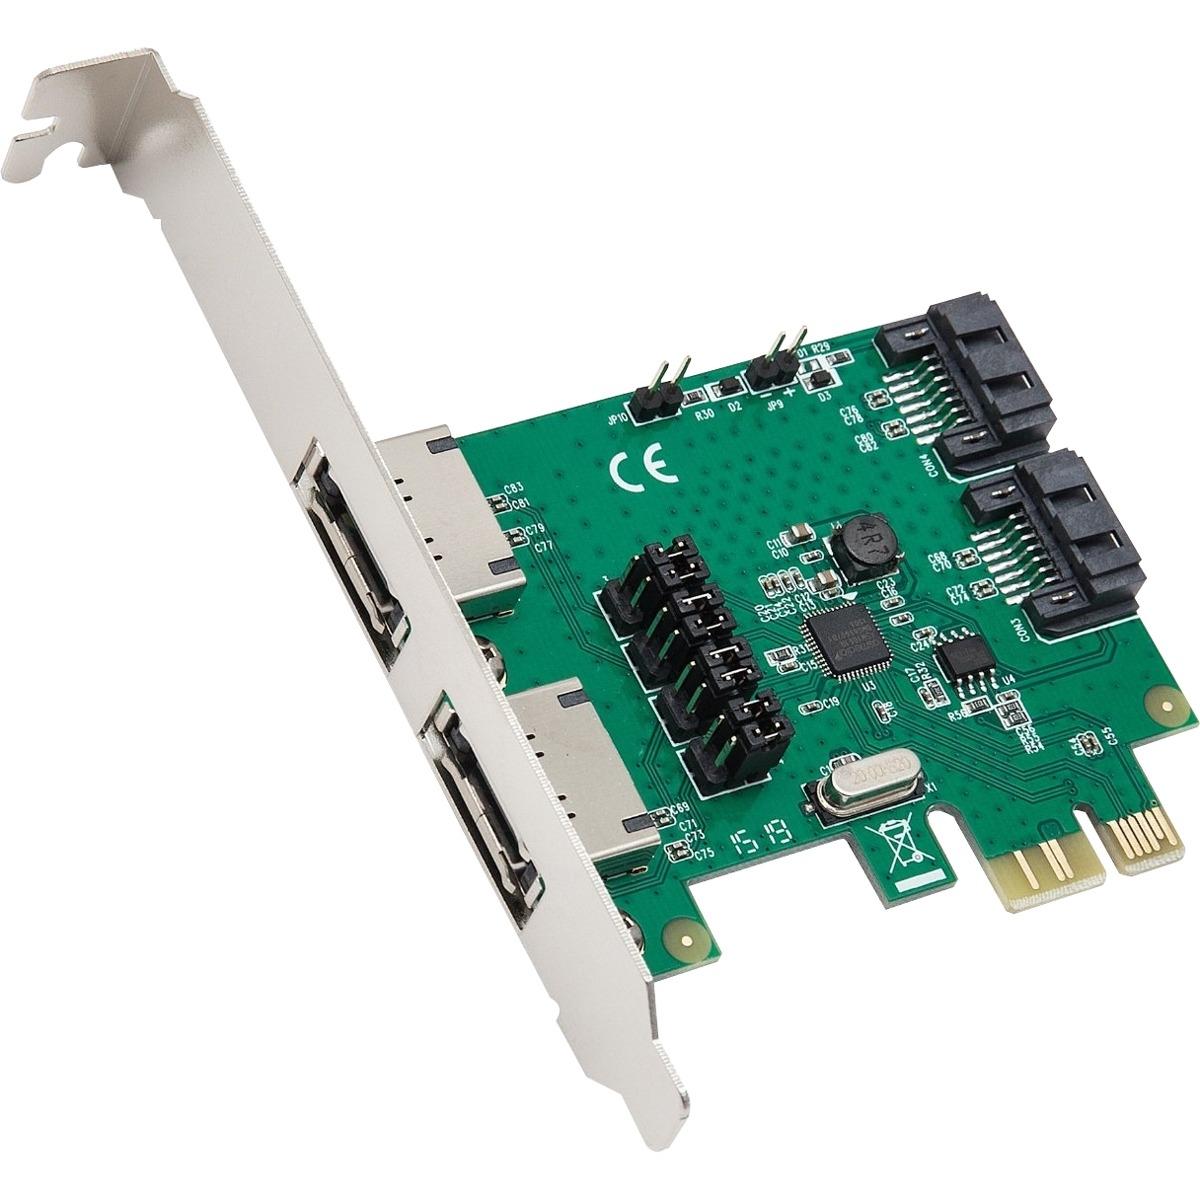 2PORT SATA III RAID PCIE X1 HD CONTROLLER CARD